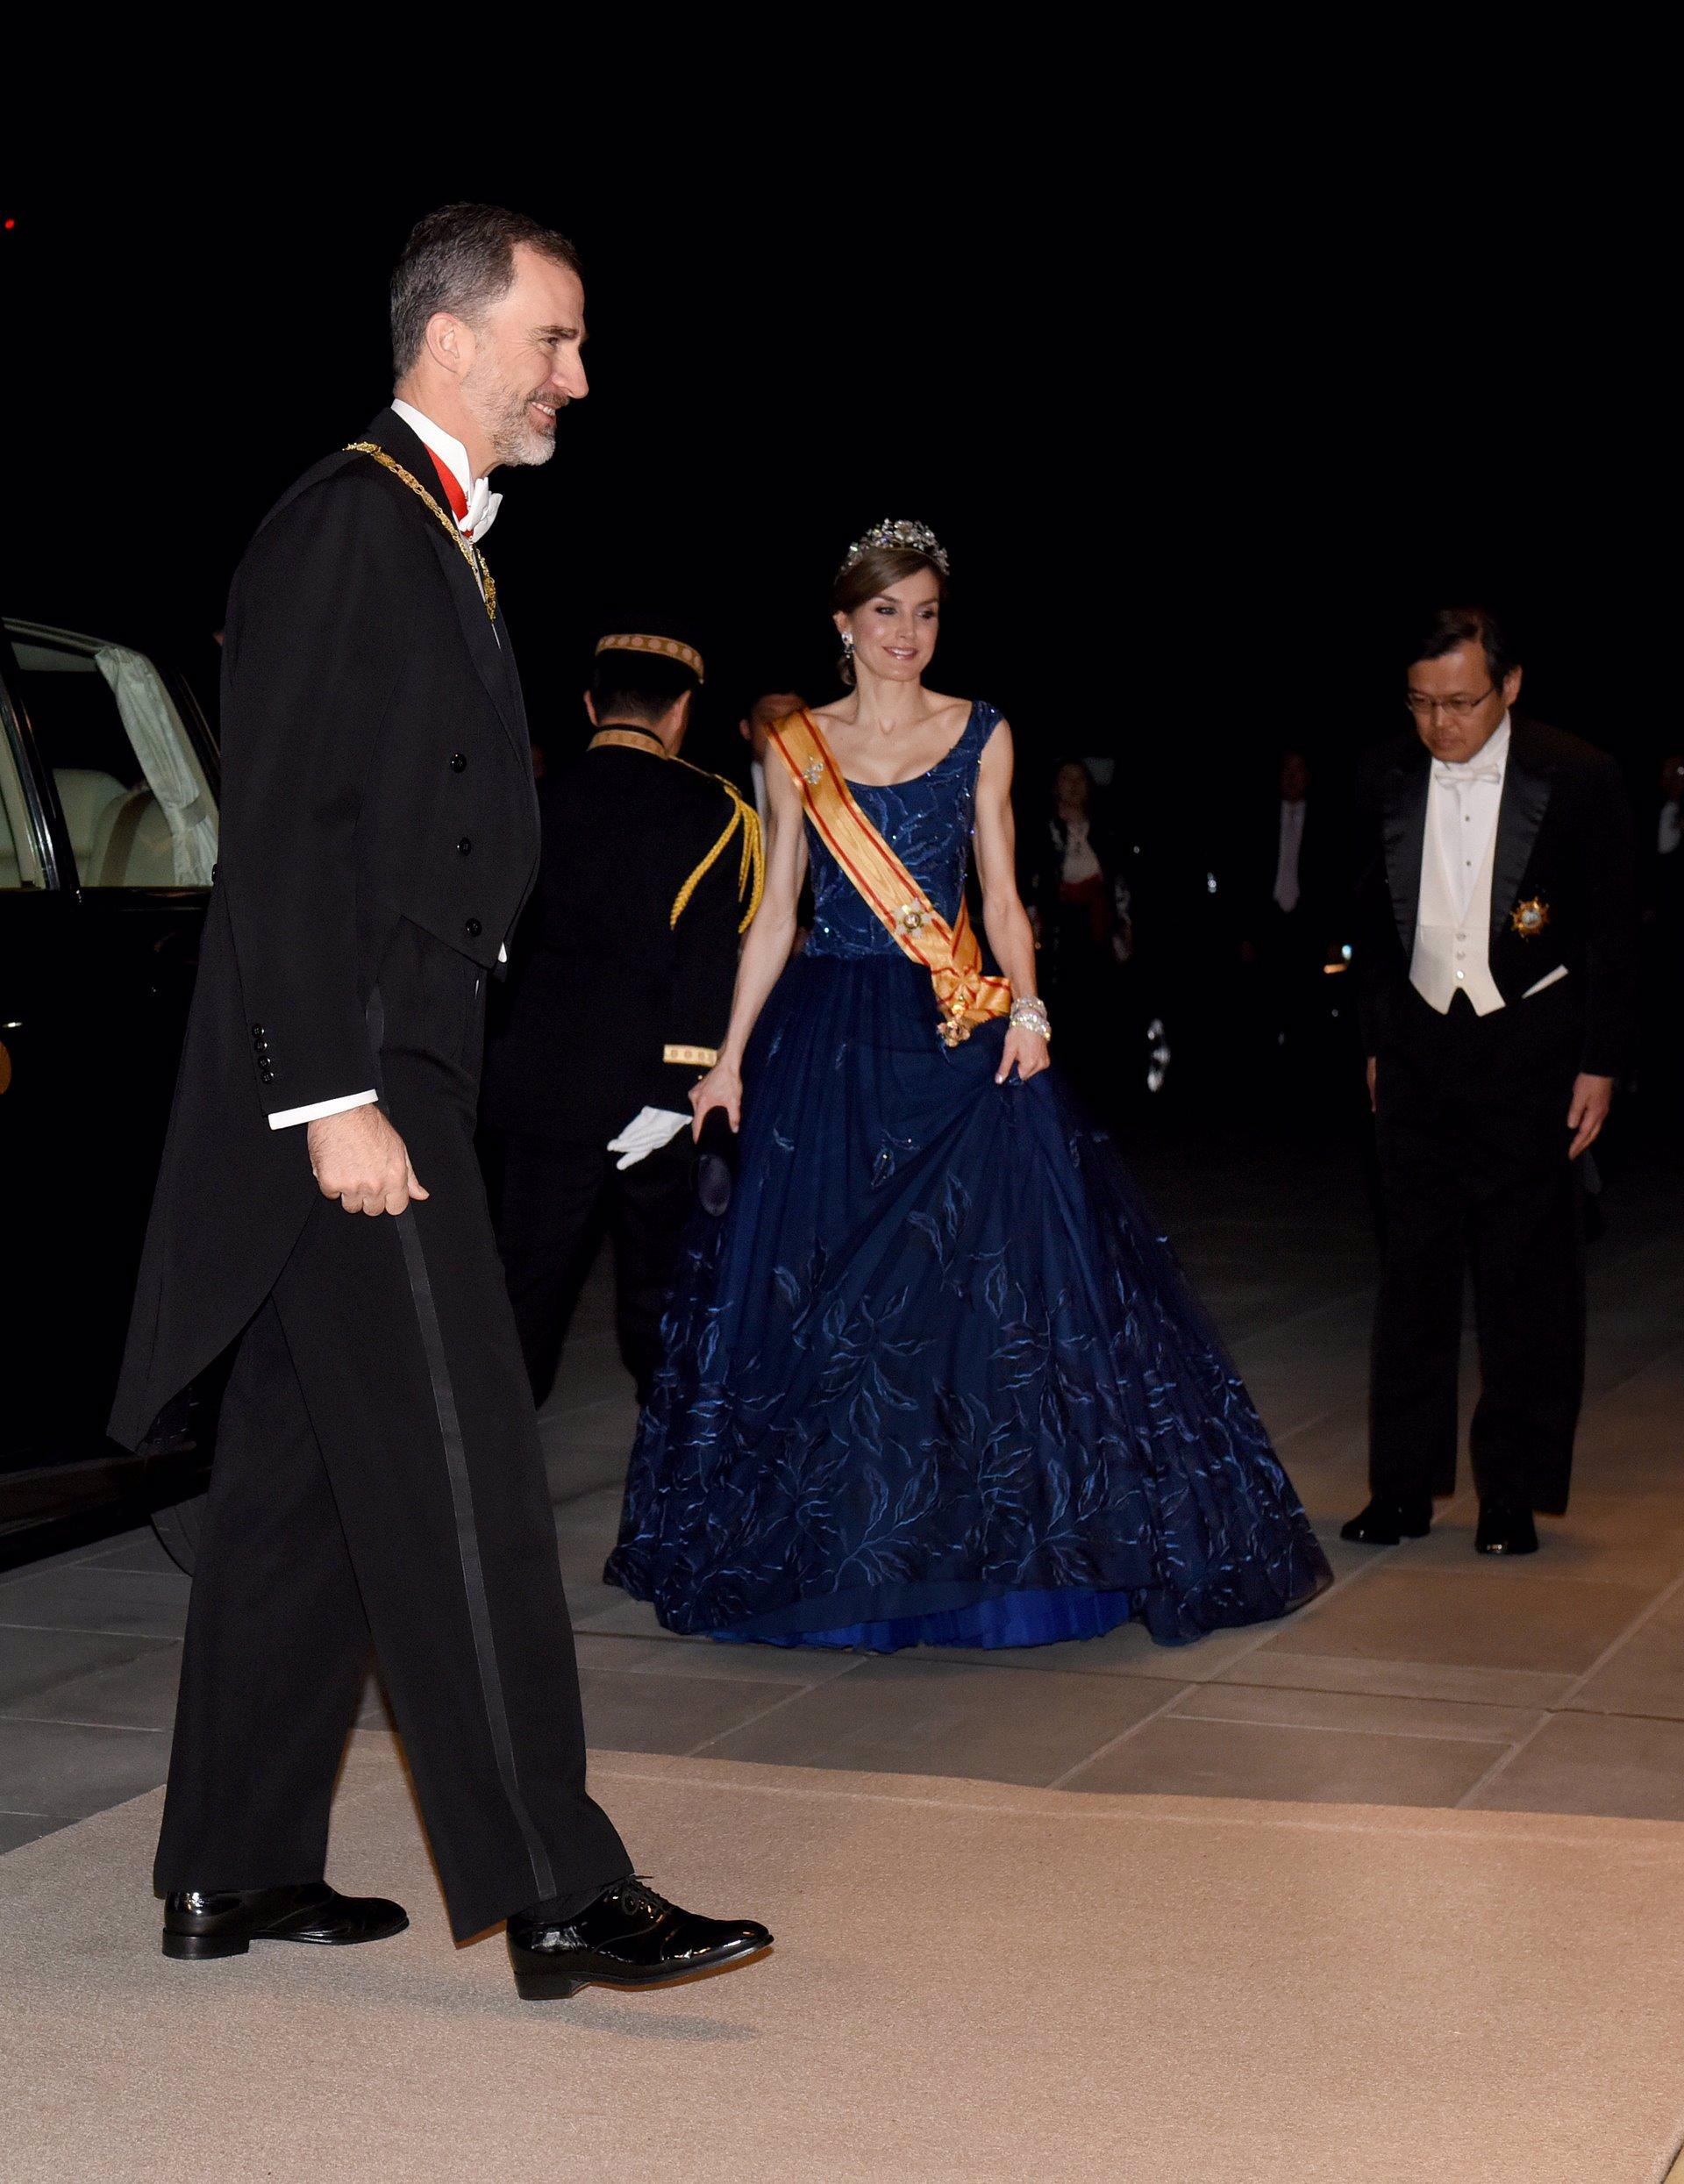 La Reina Letizia junto al Rey Felipe VI durante la cena de recepción de gala con el emperador Akihito de Japón y la emperatriz Michiko en el Palacio Imperial el pasado 5 de abril de 2017